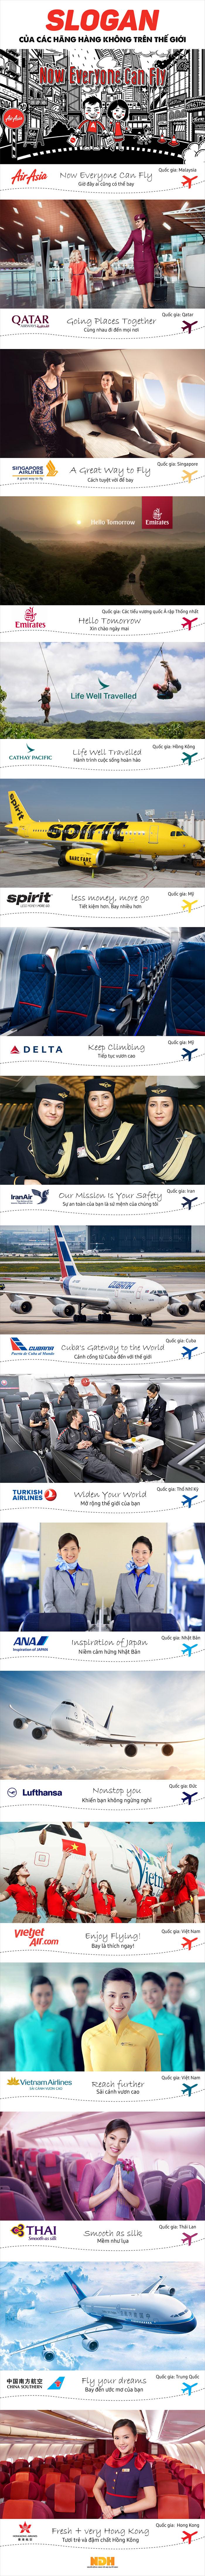 Các câu Slogan hay nhất của những hãng hàng không nổi tiếng